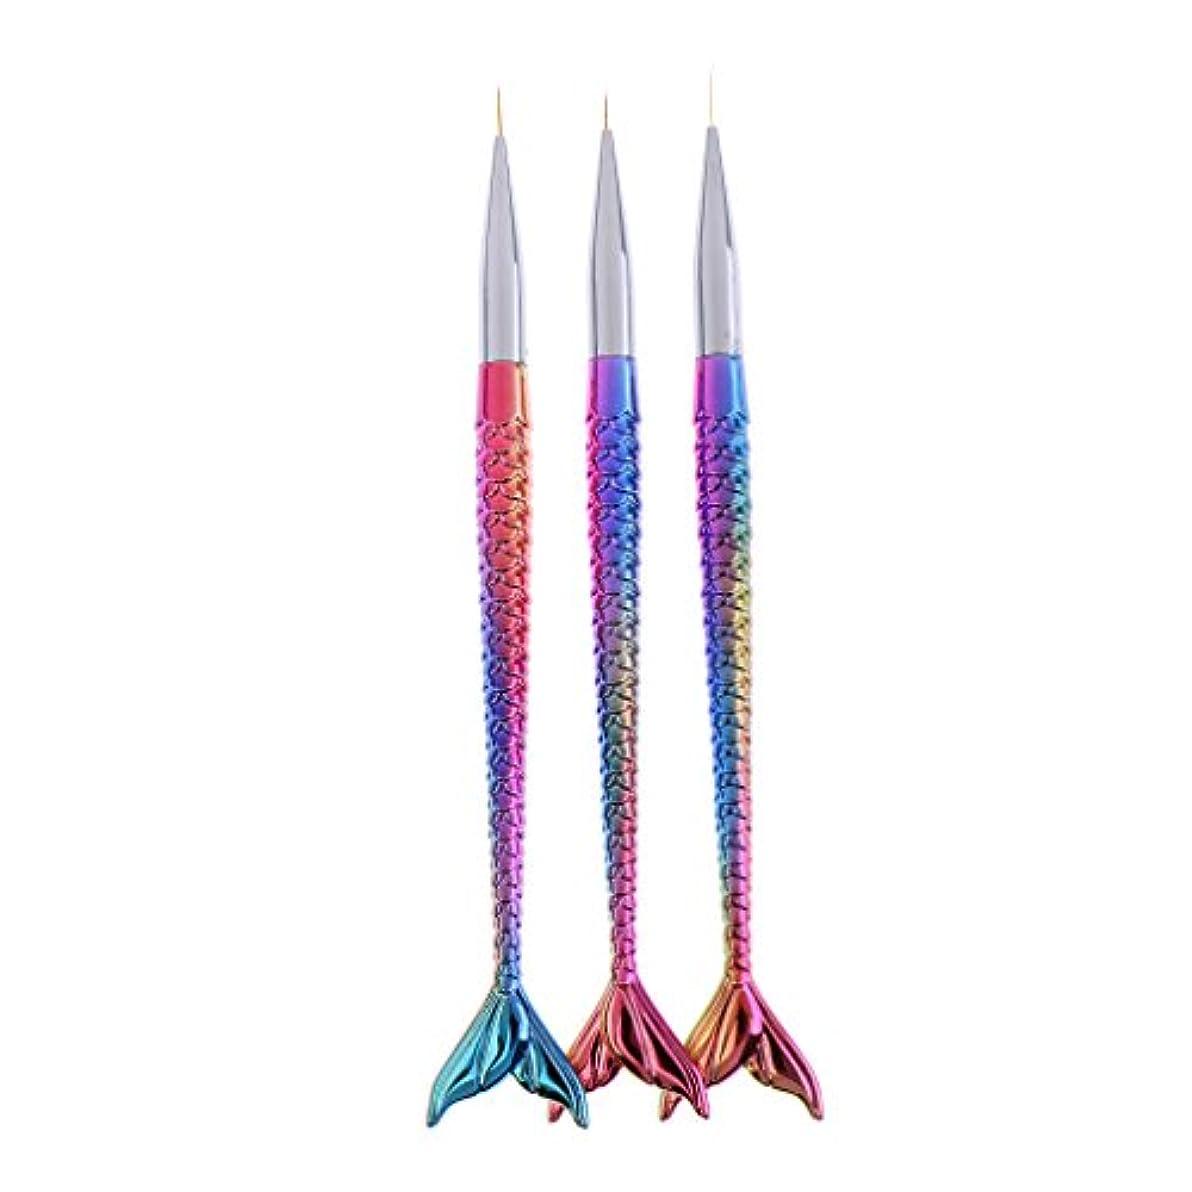 お誕生日バンド遺伝子T TOOYFUL 3点セット プロネイルアートuvゲルデザインペン 磨きブラシ 描画ツール